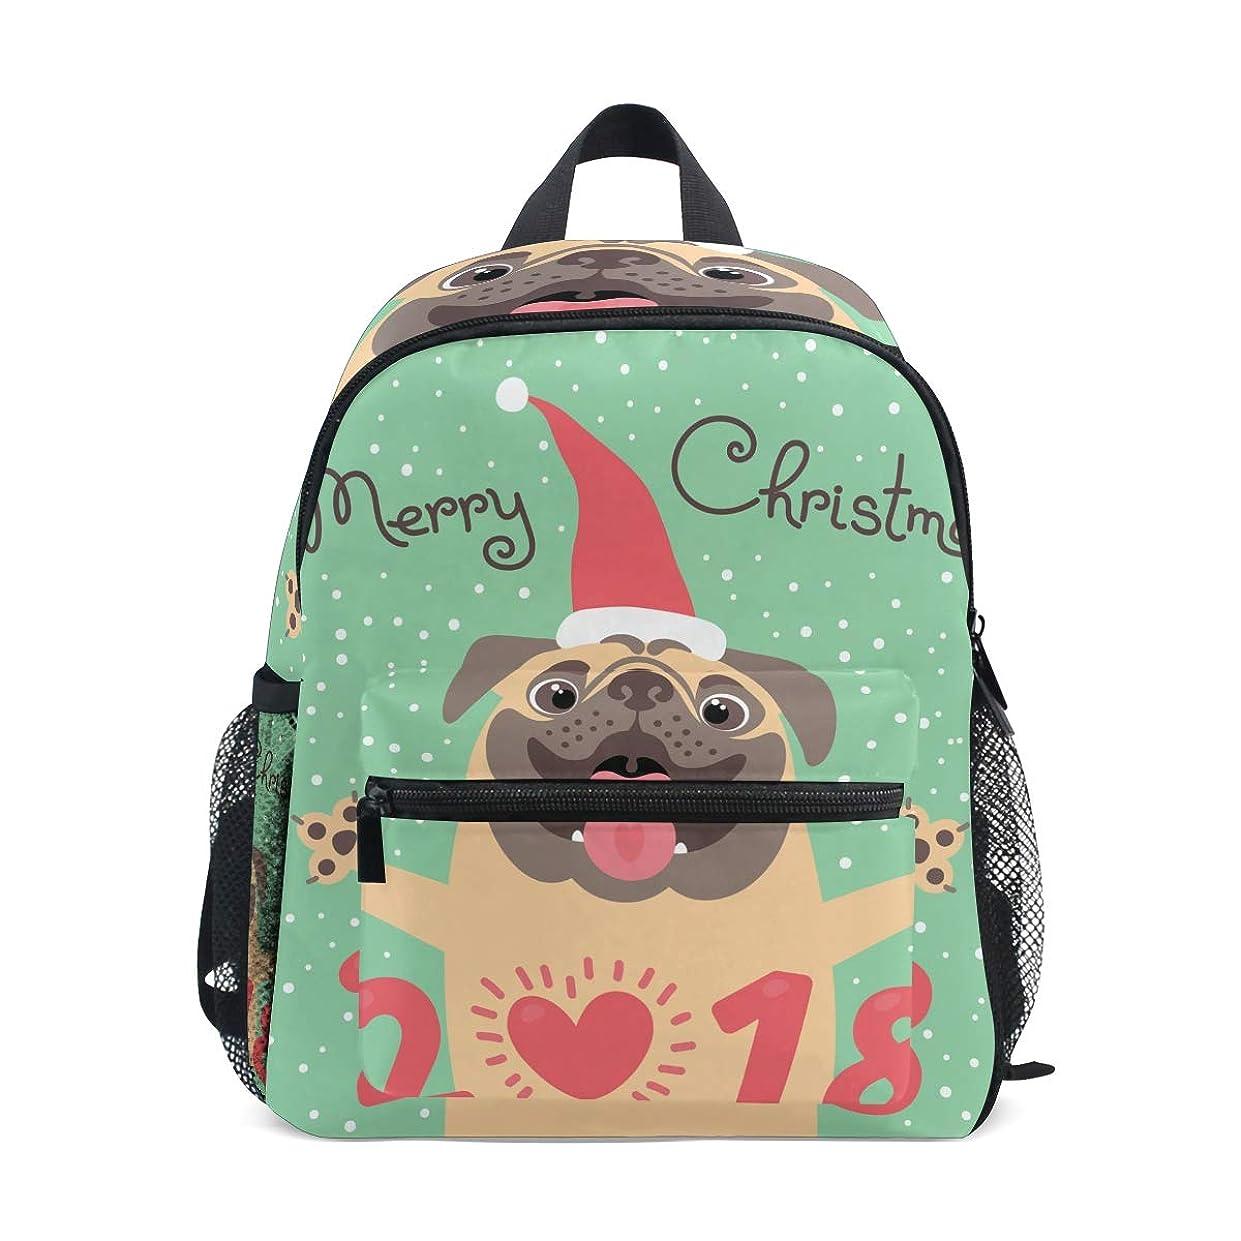 主張印刷するスチールキッズ リュック リュックサック バックパックメリークリスマス 小サイズ ジュニア通学 バッグ 通園 遠足 デイバッグ 軽量 ポリエステル 撥水加工